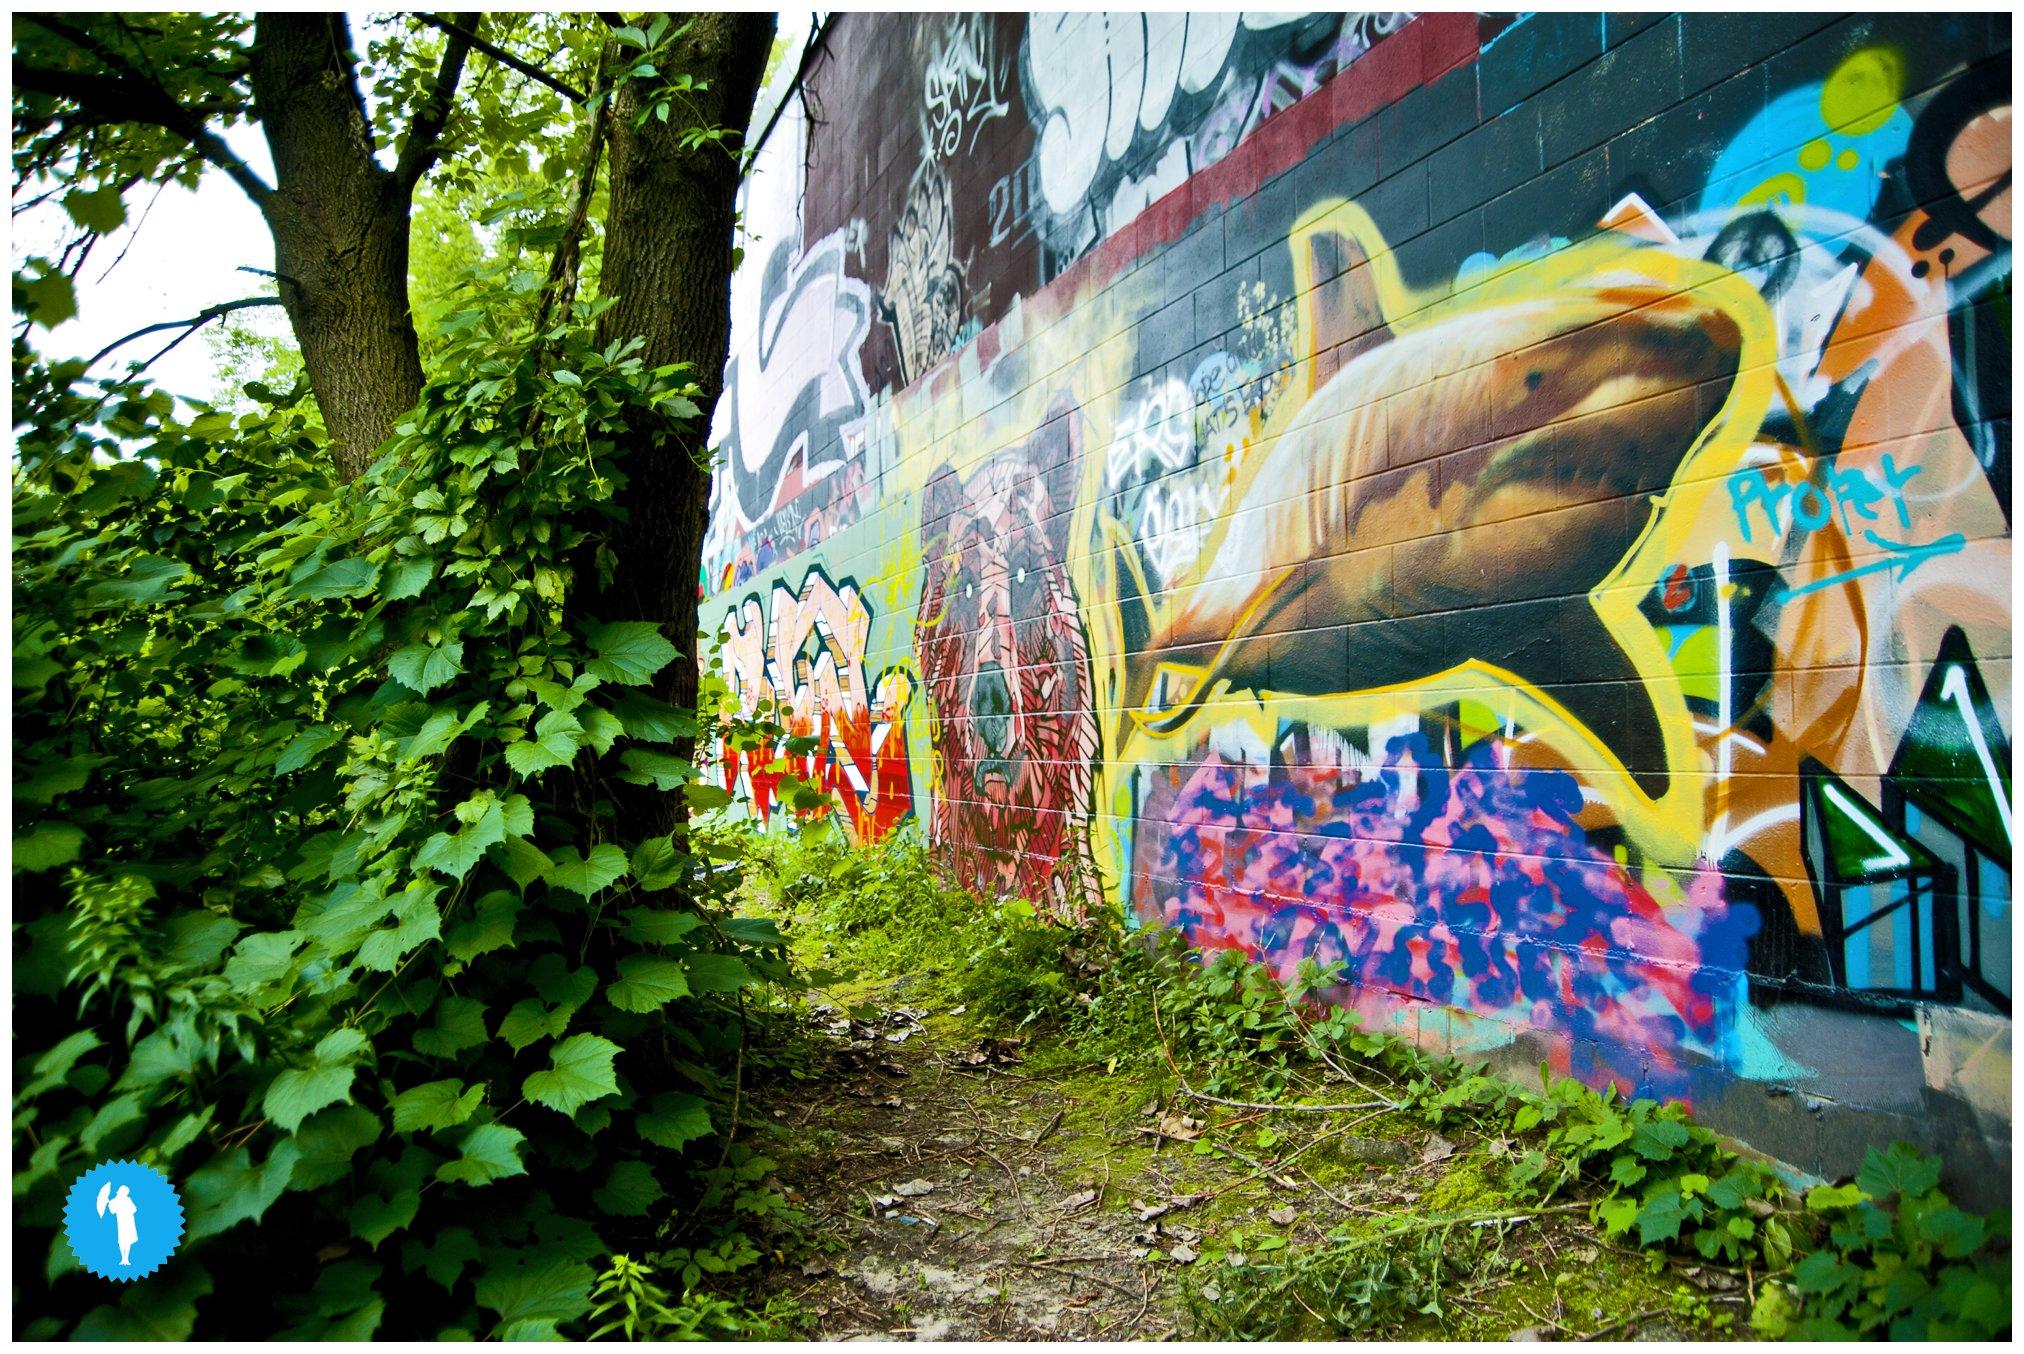 Kitchener graffiti by Emily Beatty.